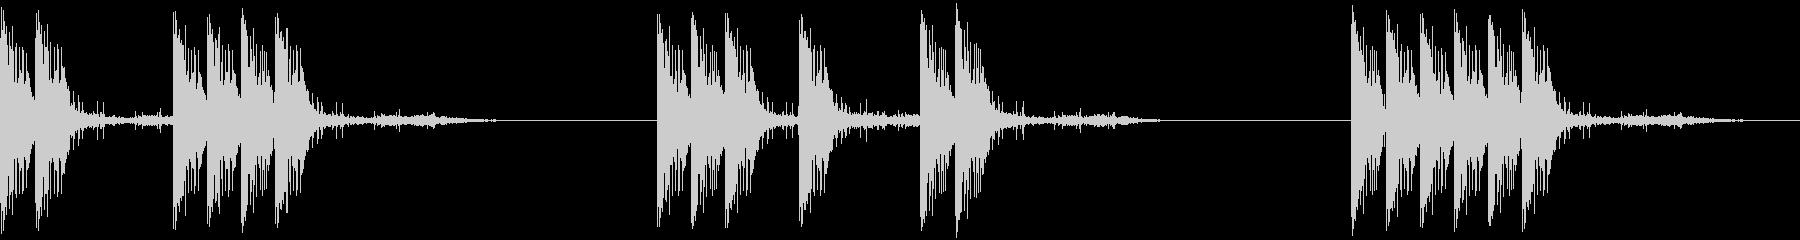 リボルバー:ハンドガン、ピストル、...の未再生の波形